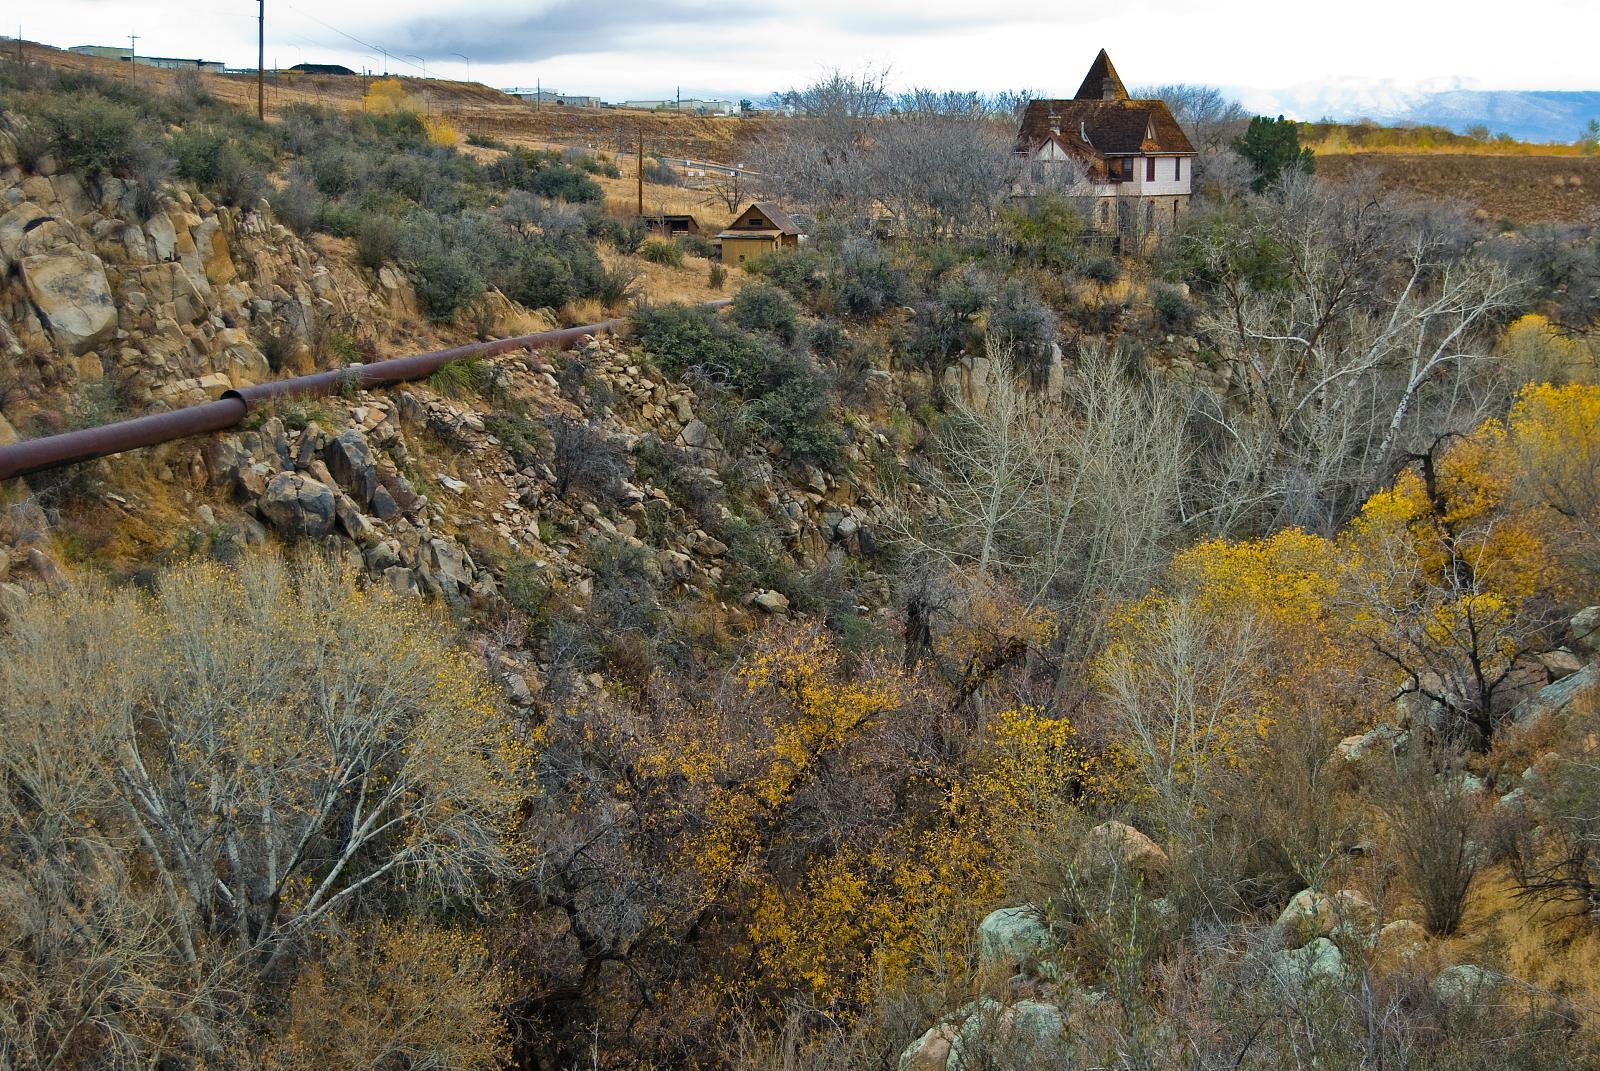 Fain Park, Prescott Valley | © Larry Zimmer/Wikicommons